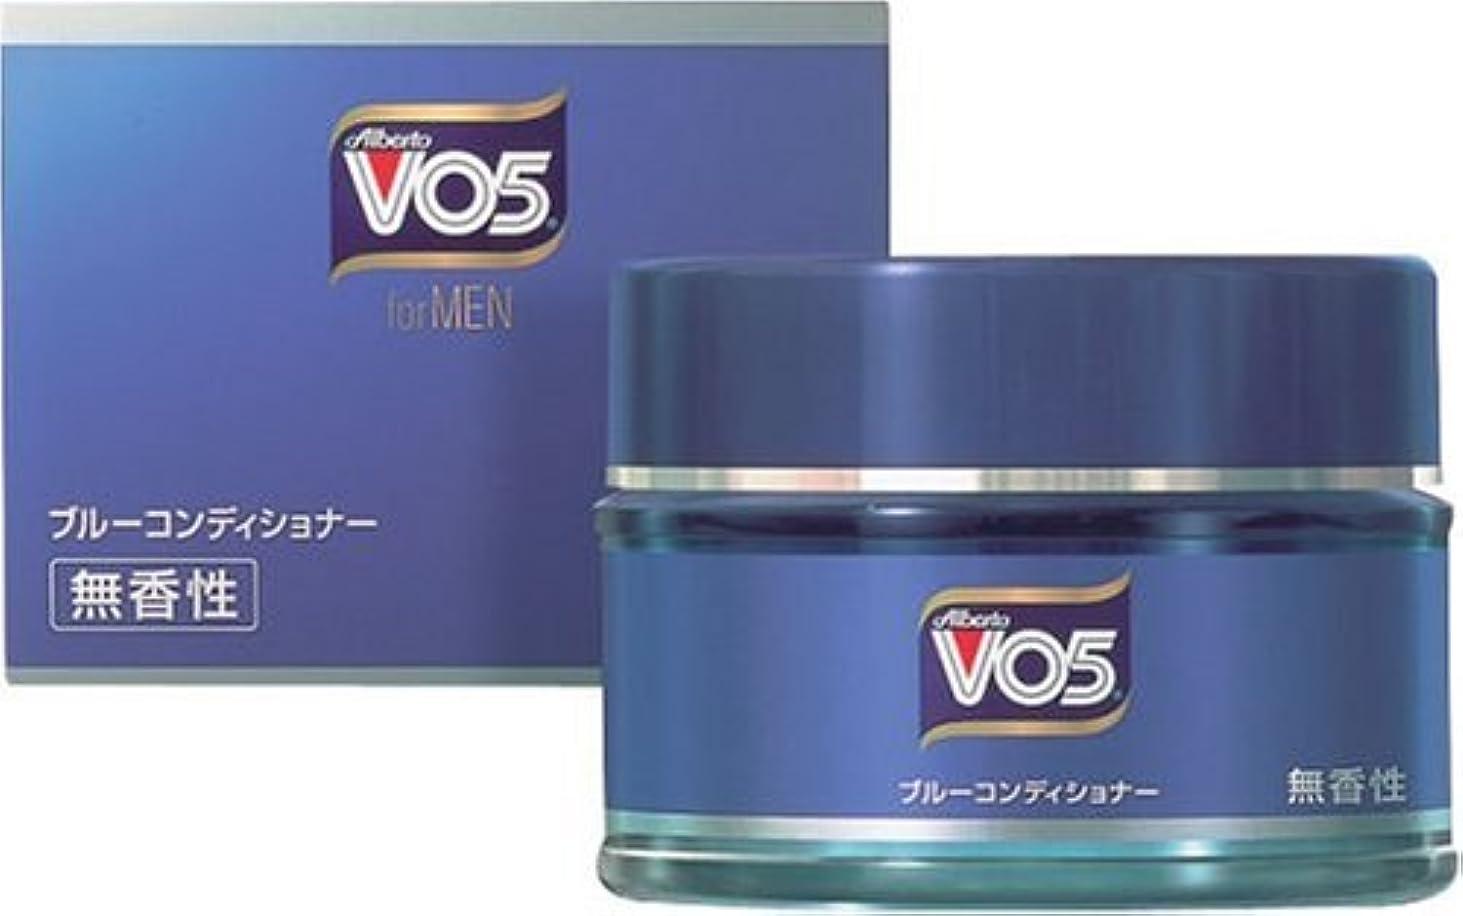 浴室プット安西VO5 for MEN ブルーコンディショナー 無香性 85G <白髪ケア ? 白髪かくし ? スタイリング剤 ? メンズ>